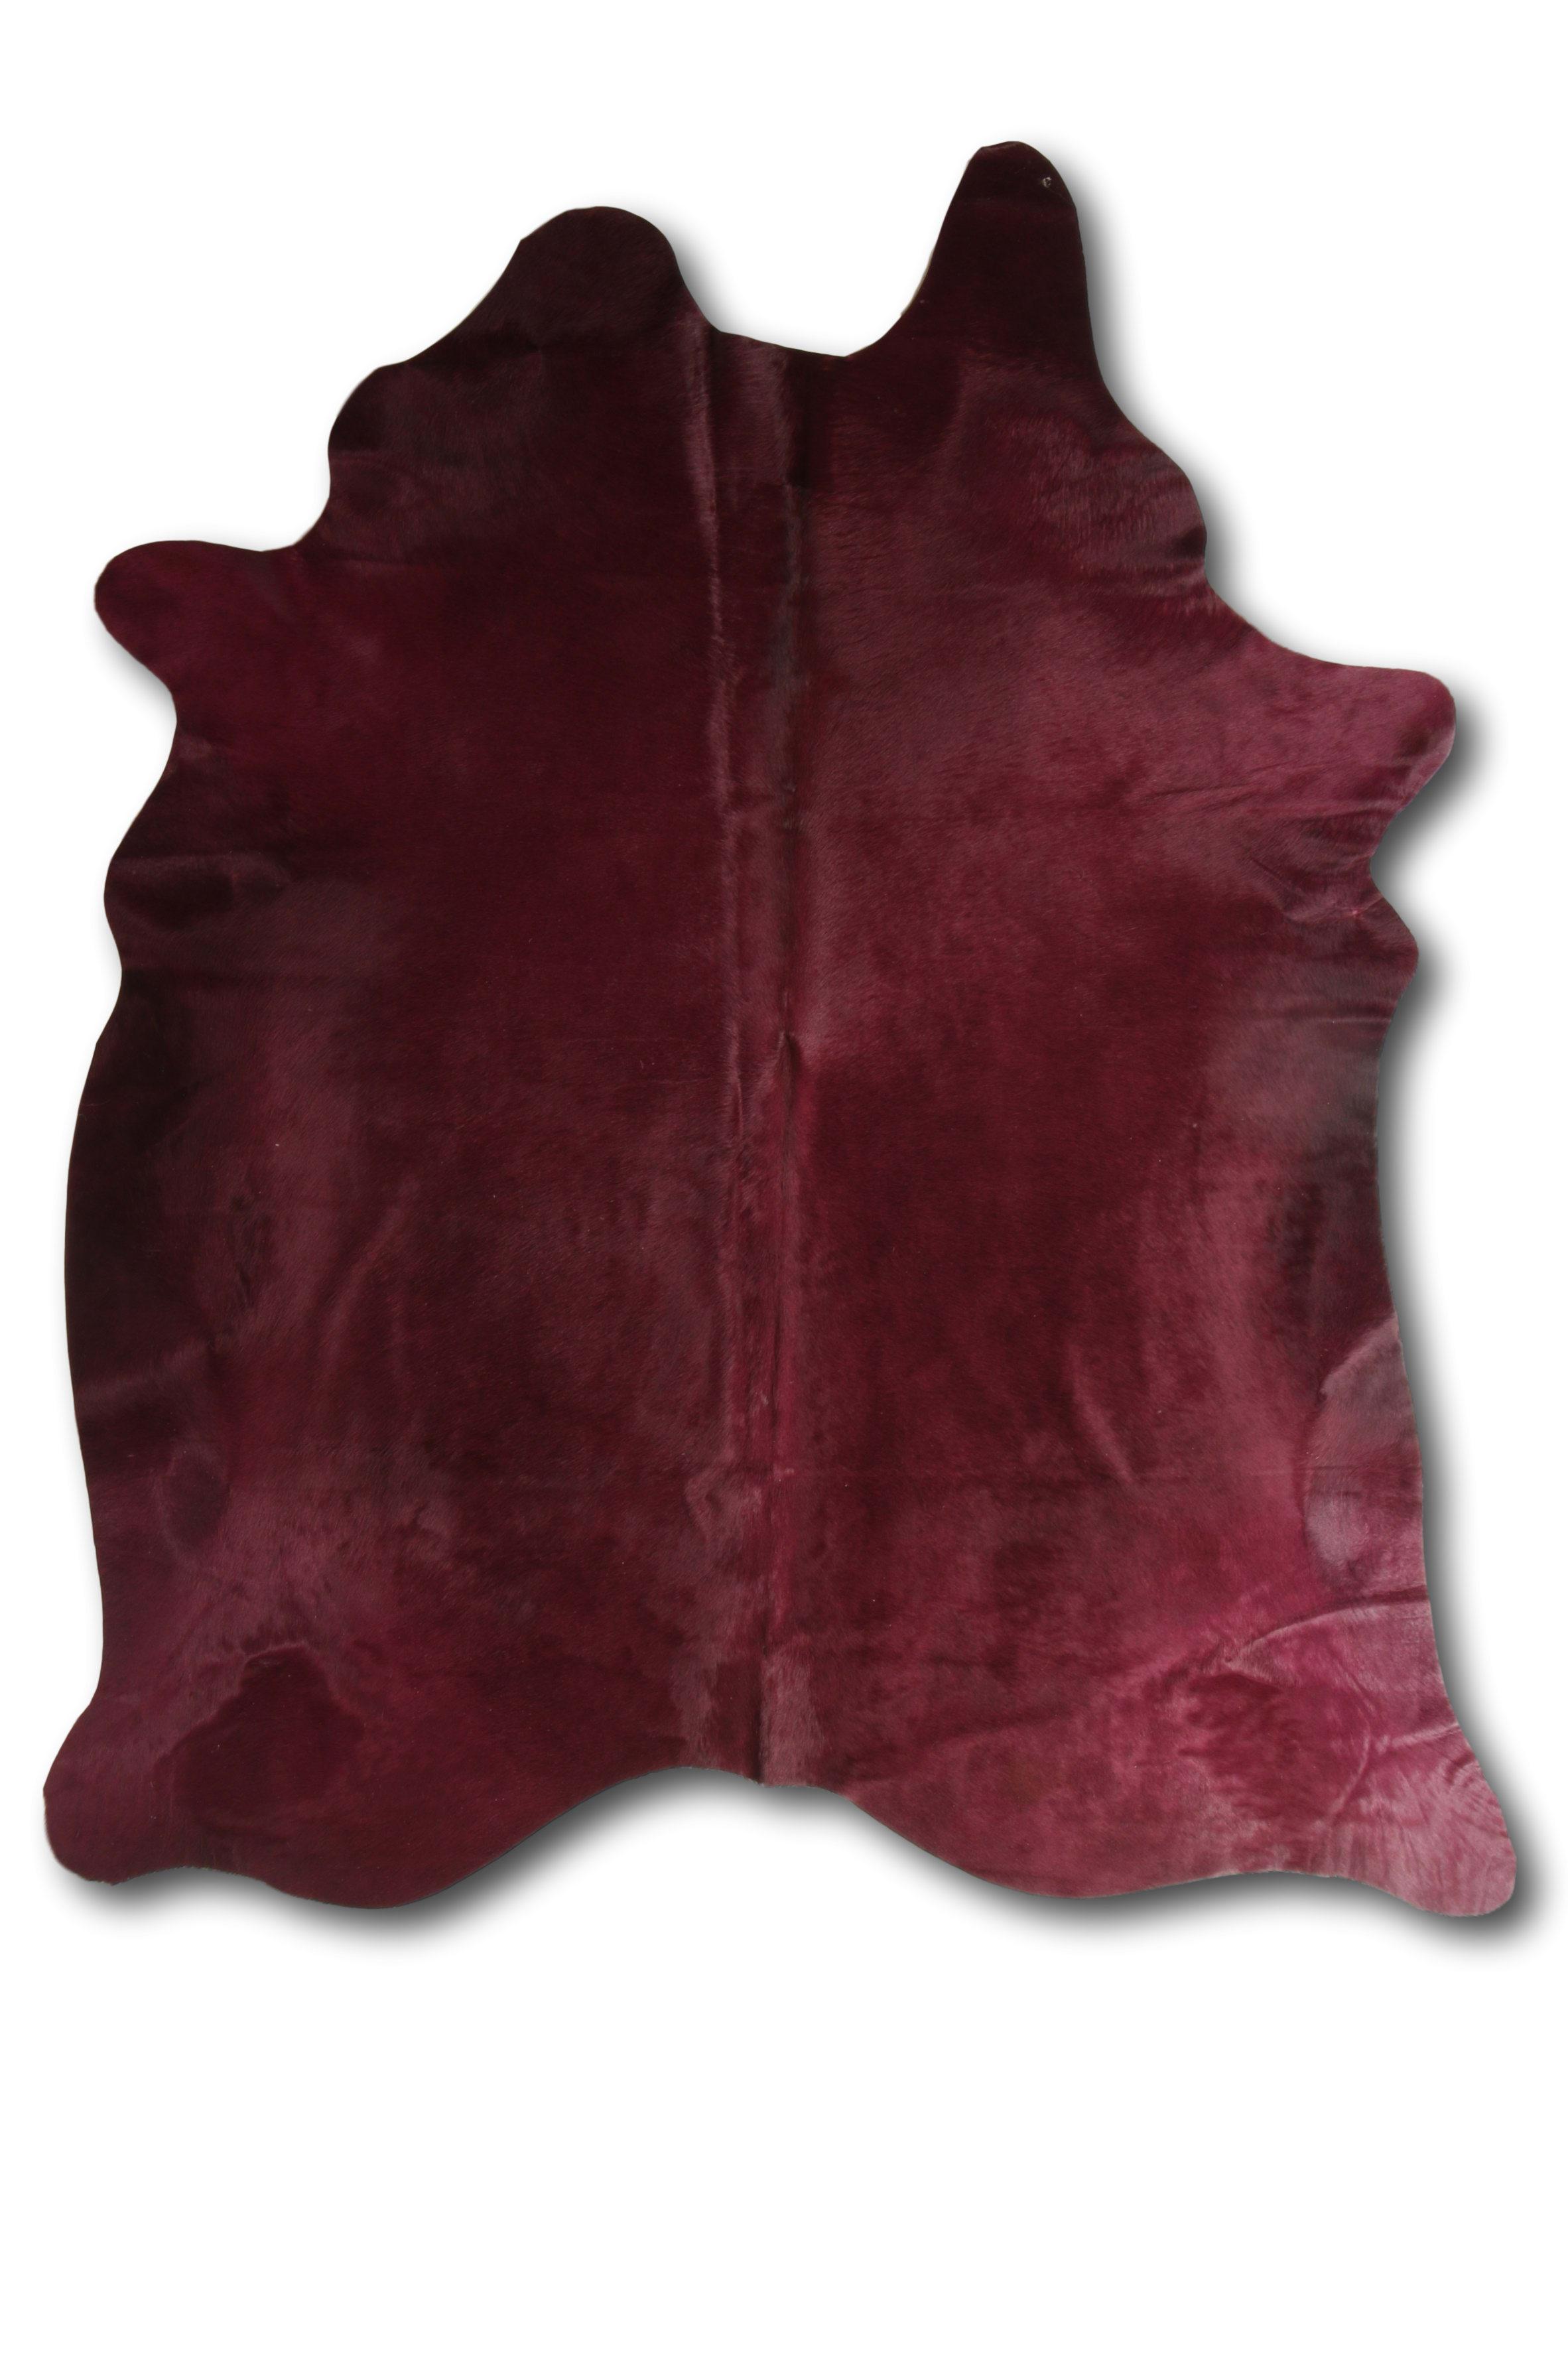 Tapis en peau de vache coloré bordeaux 180x200